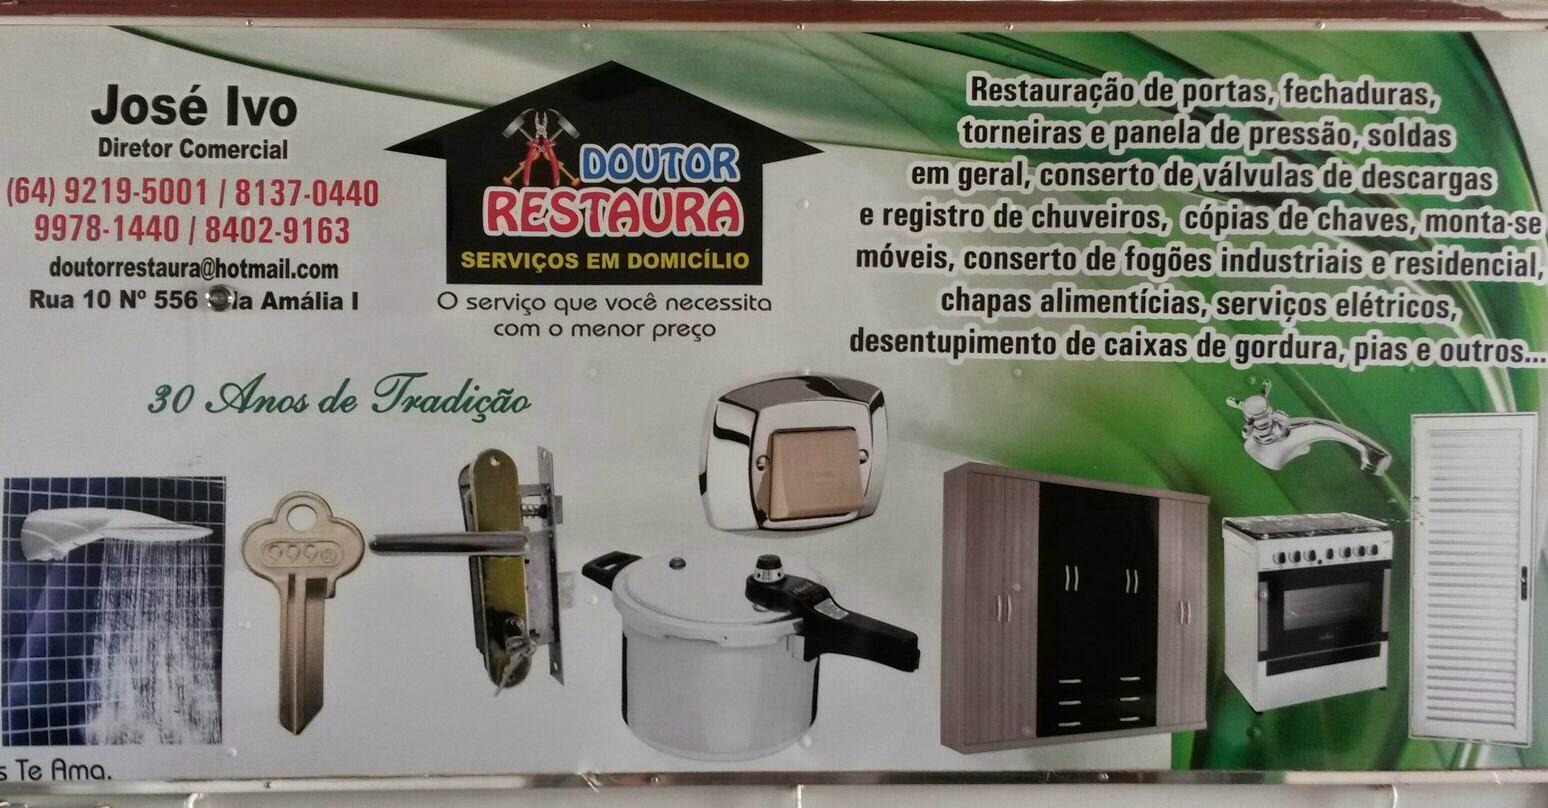 DR RESTAURA